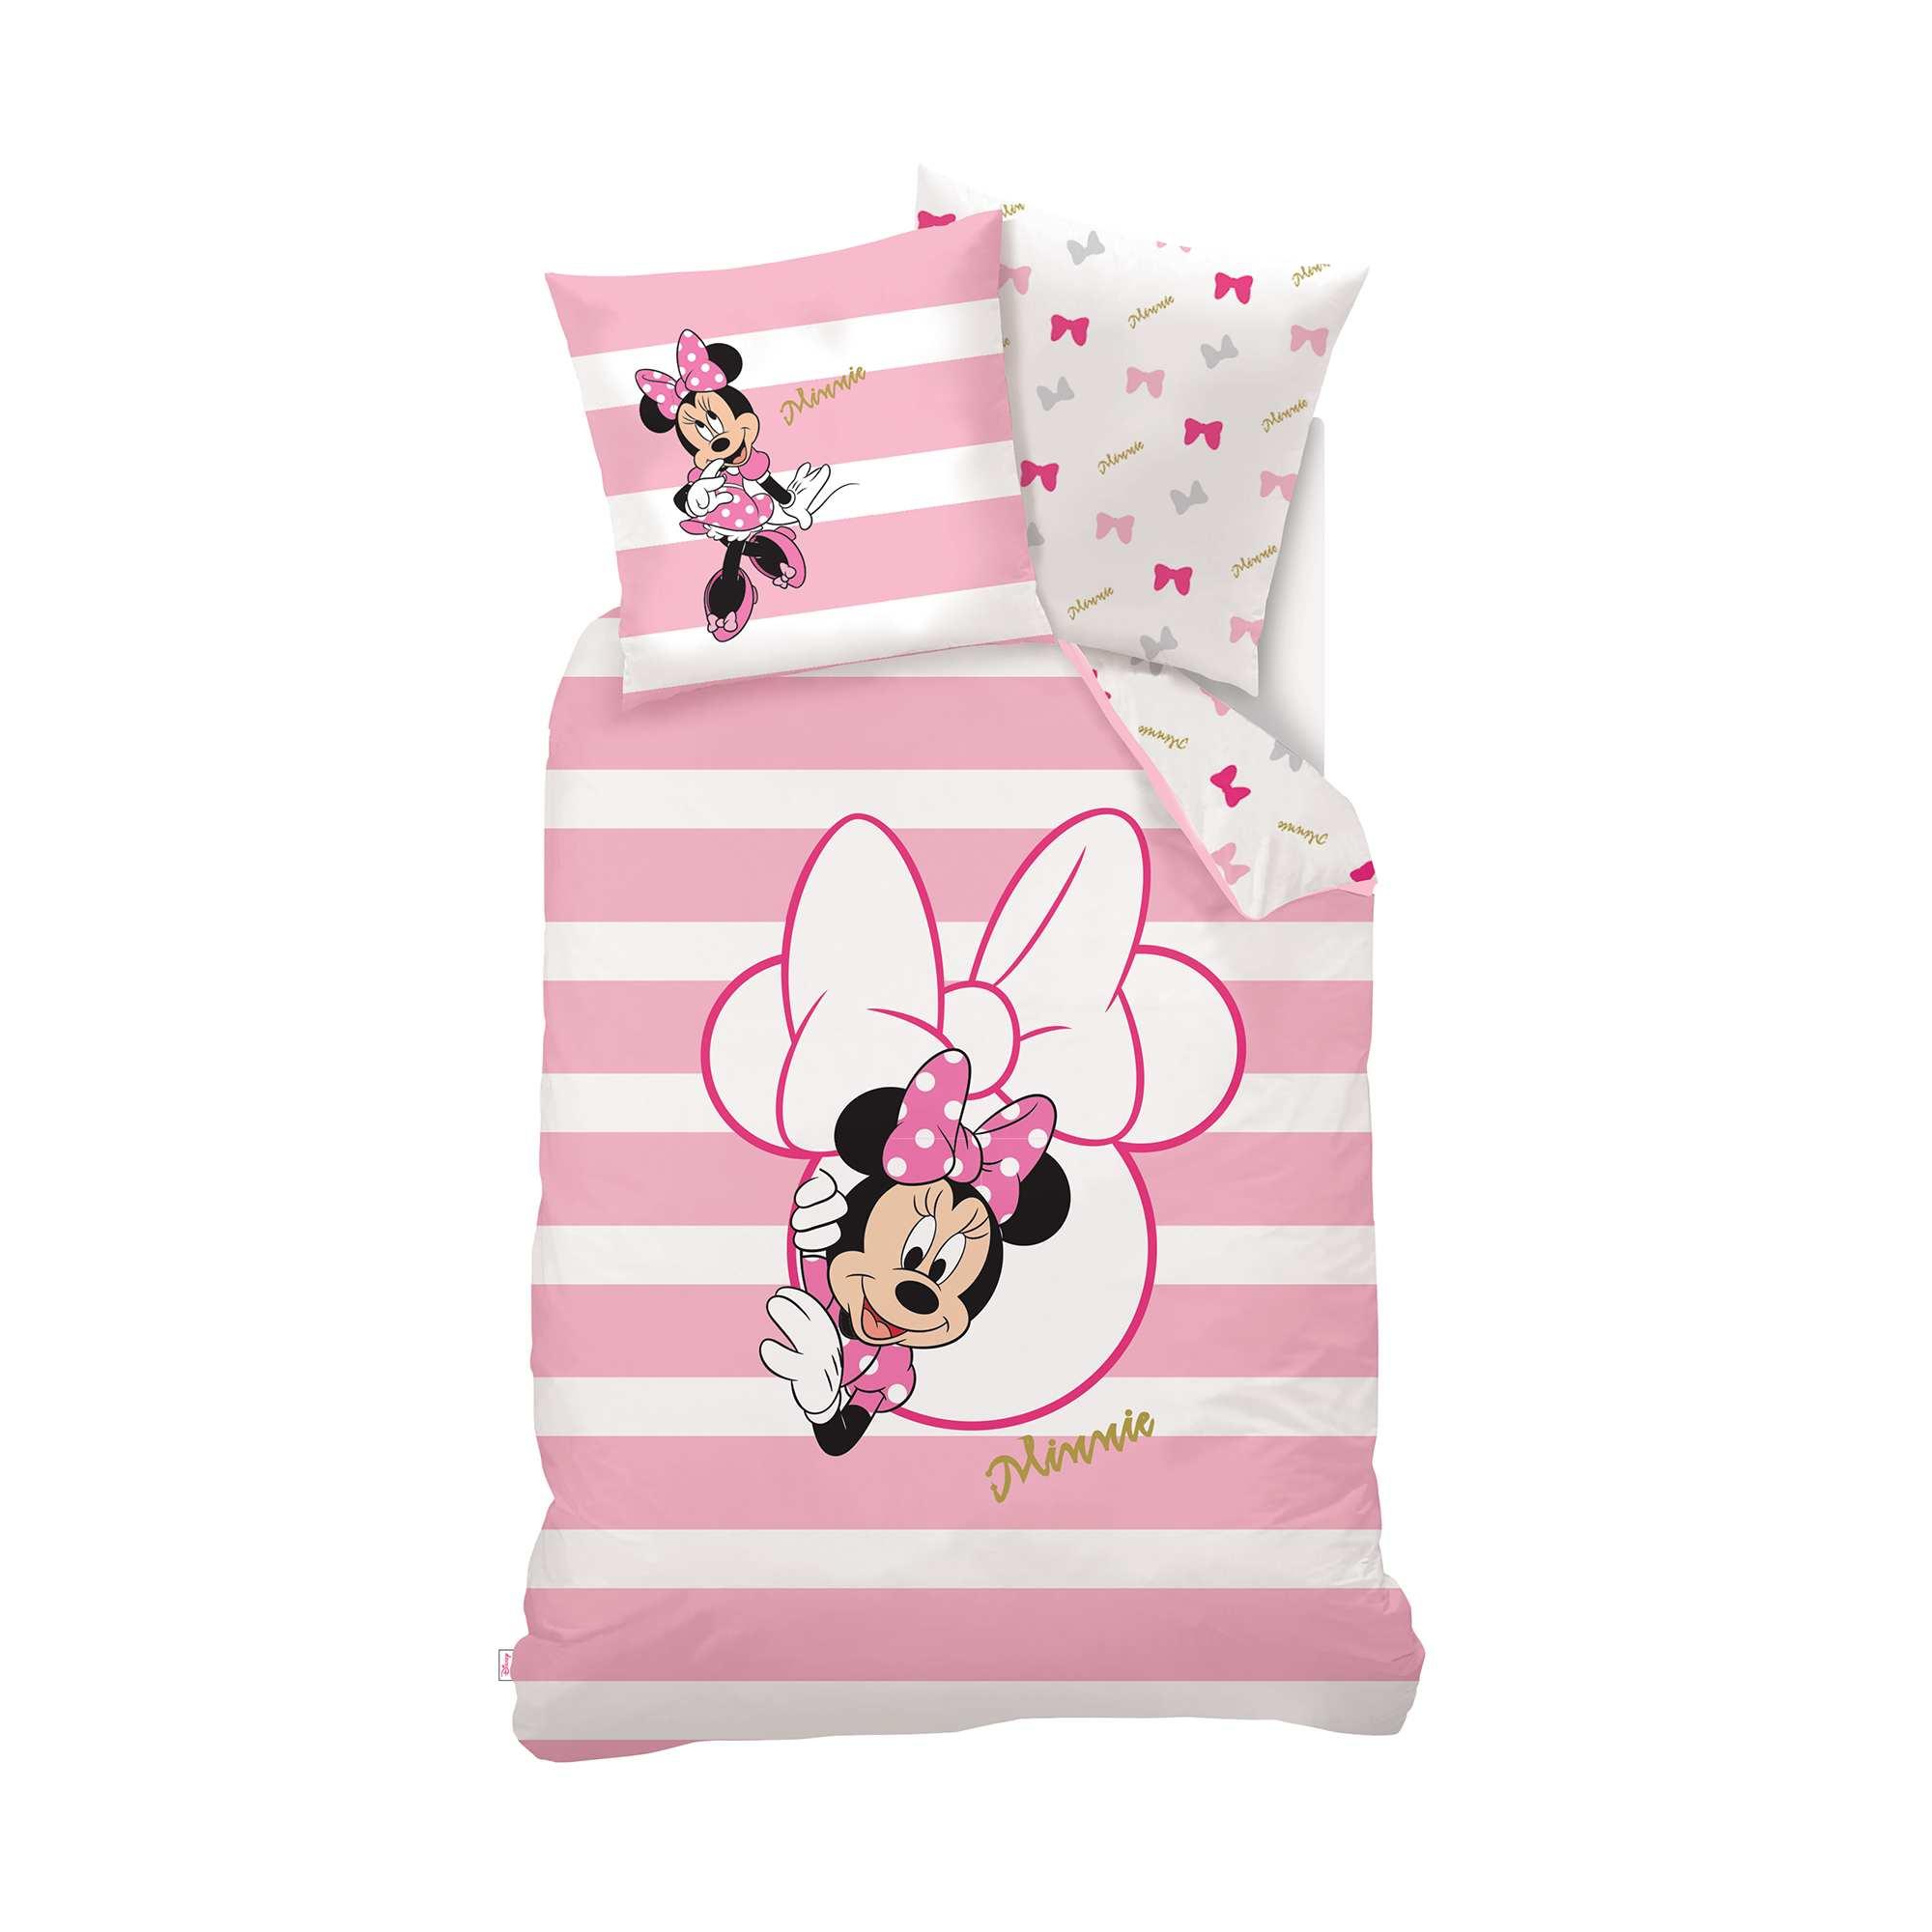 Parure de lit 1 personne 39 minnie mouse 39 39 disney 39 linge de - Linge blanc devenu rose ...